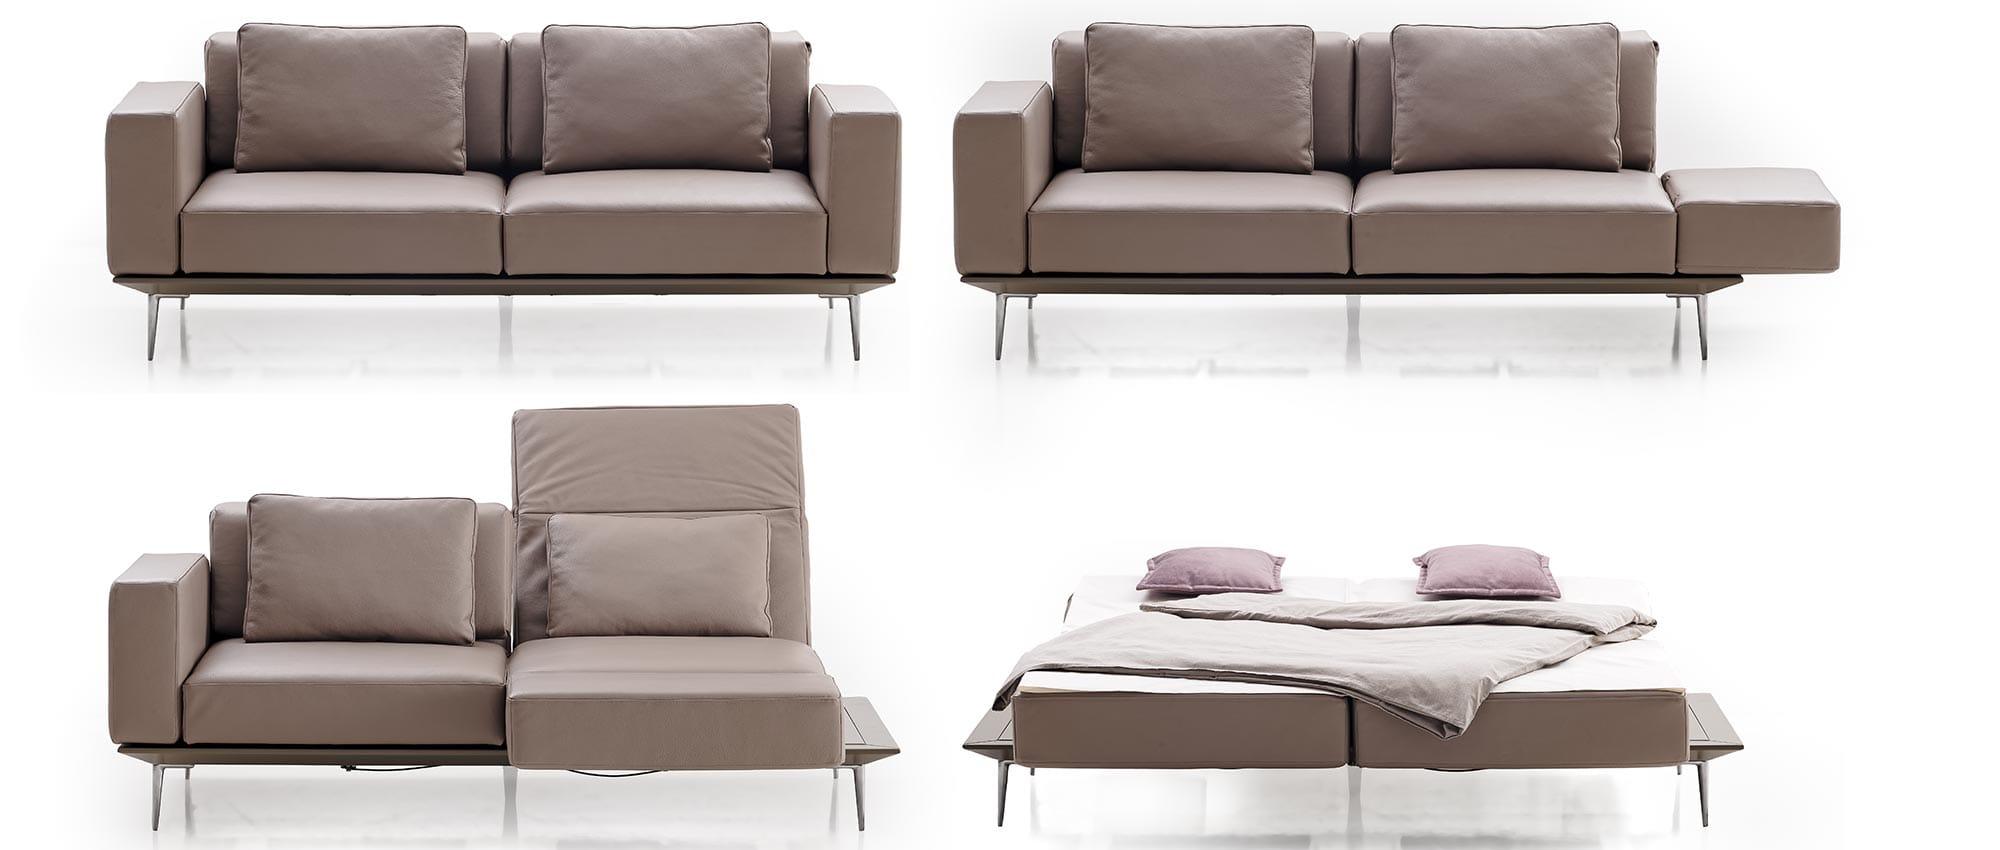 Full Size of Klappbares Doppelbett Bauen Bett Milan Schlafsofa Franz Fertig Mbel Schlafsofas Und Designer Sofas Ausklappbares Wohnzimmer Klappbares Doppelbett